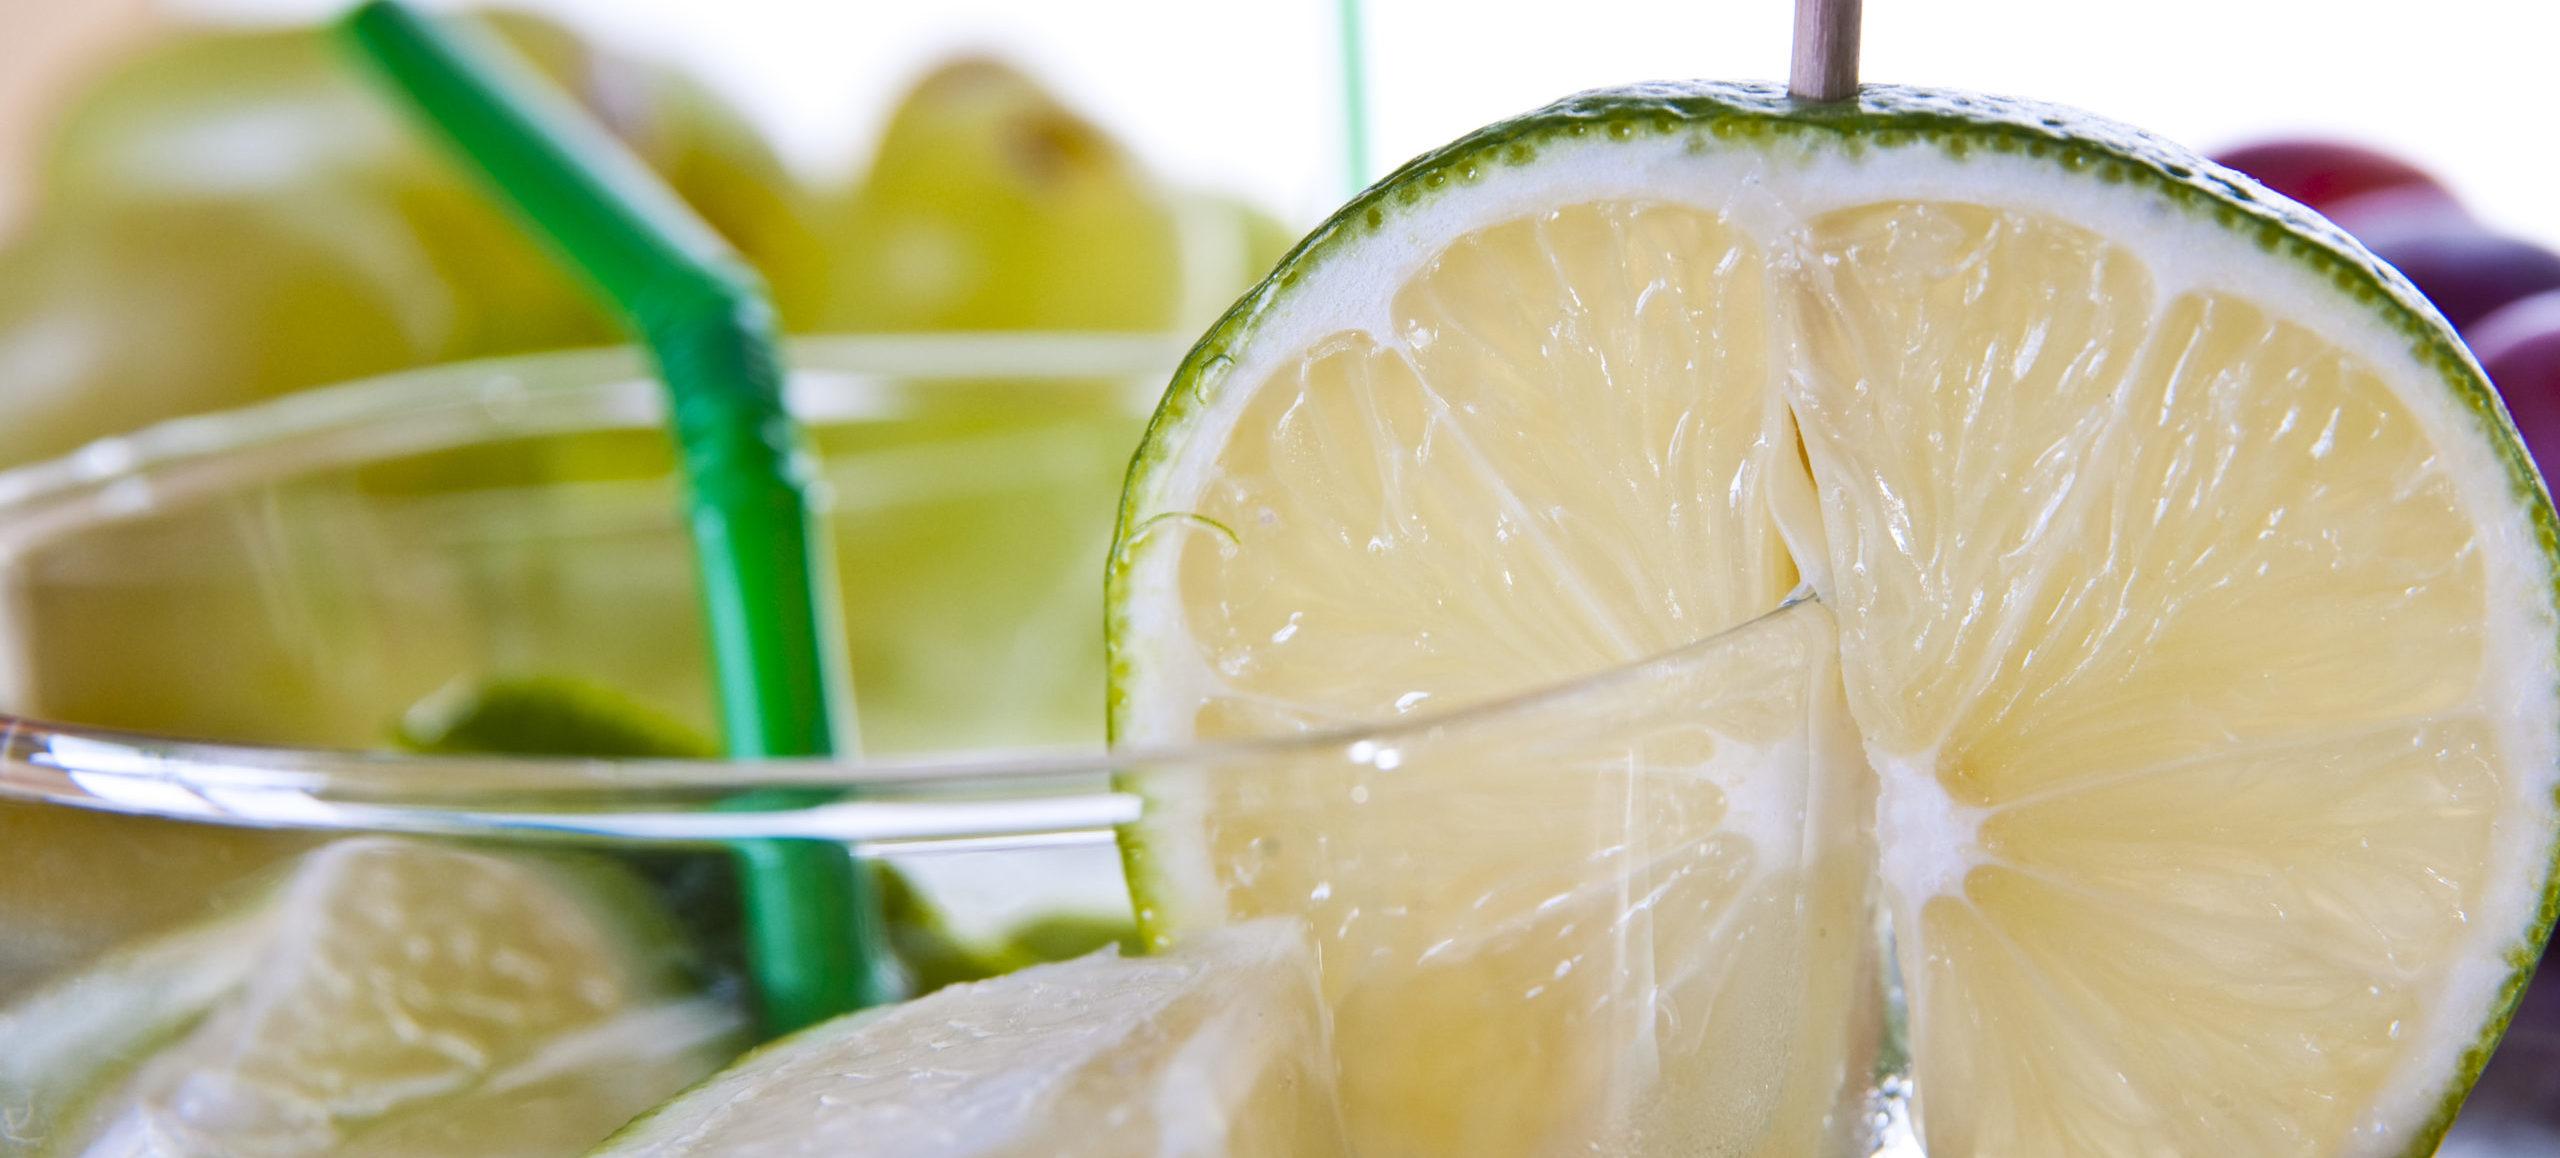 Sommer Drinks in groß eine Limette auf einem Glasrand, in groß auch ein Trinkhalm